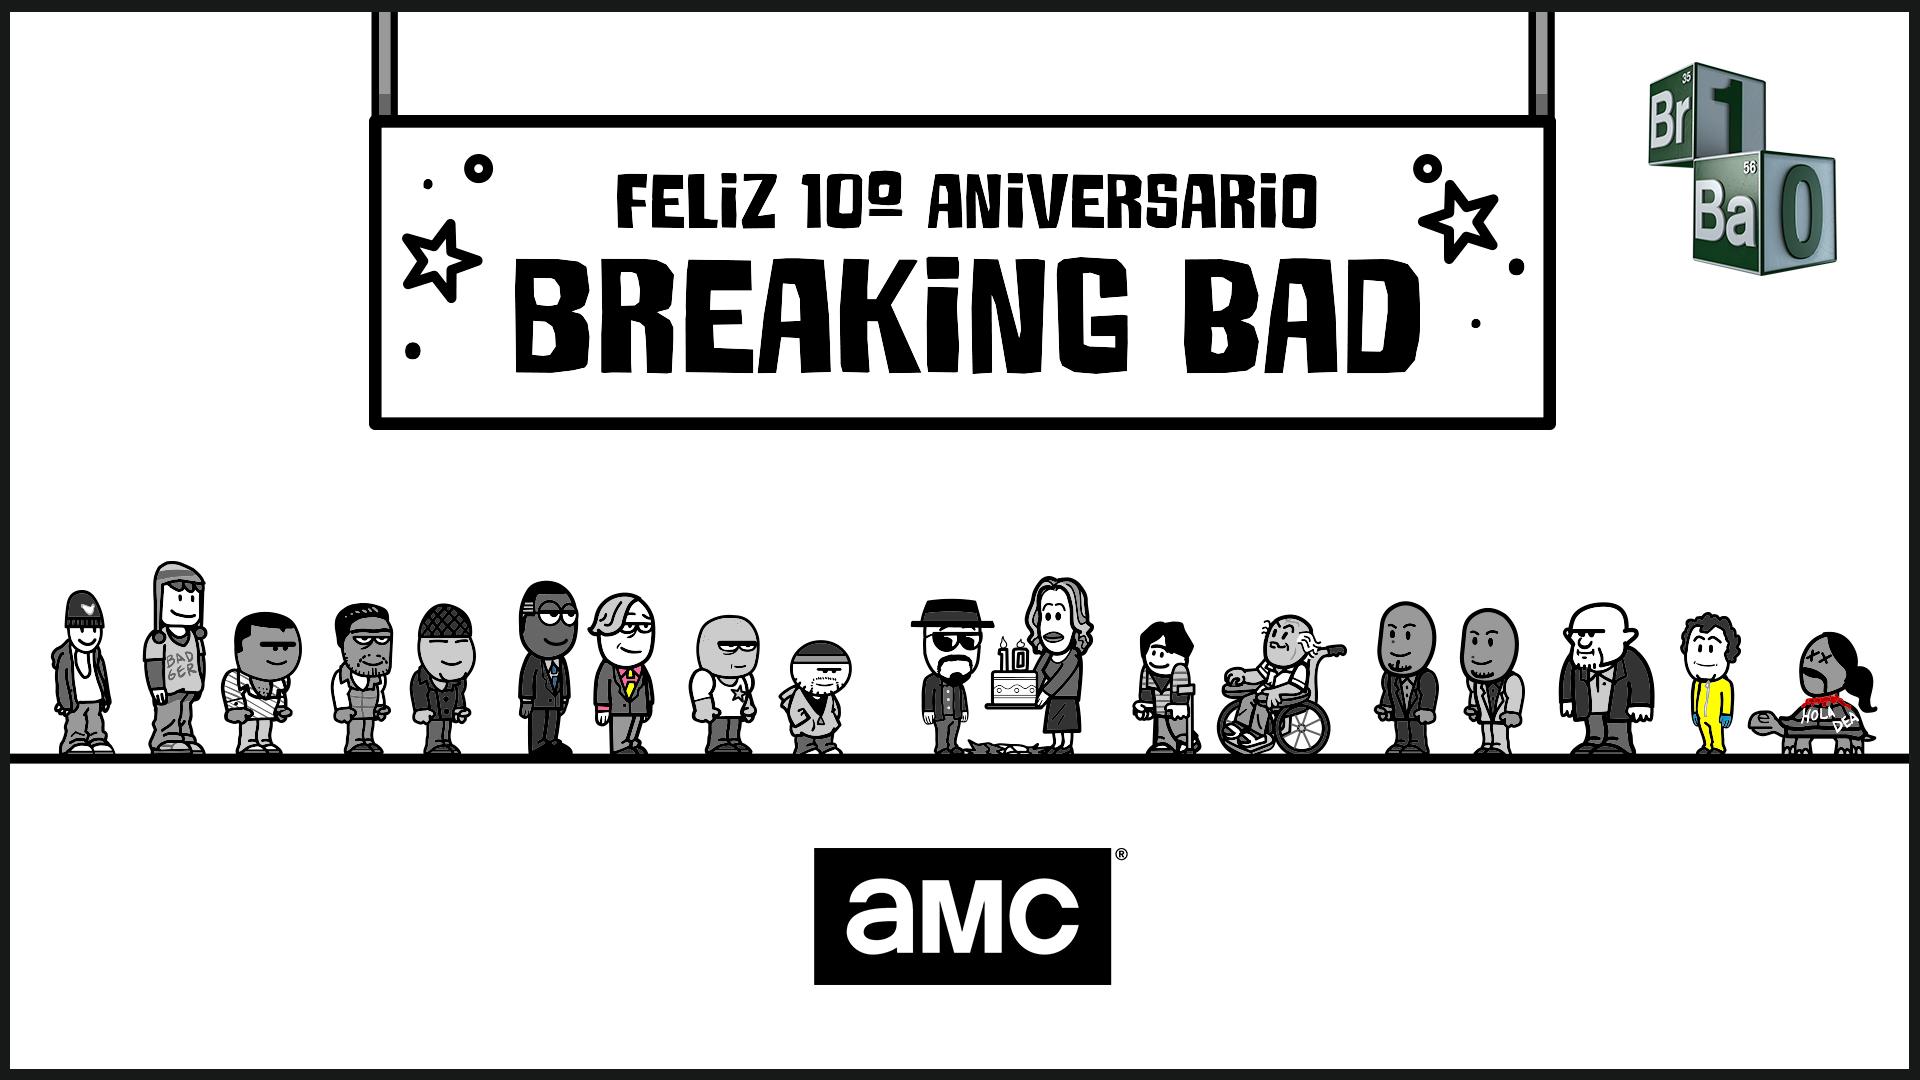 Todo 'Breaking Bad' en un minuto animado para celebrar sus diez años